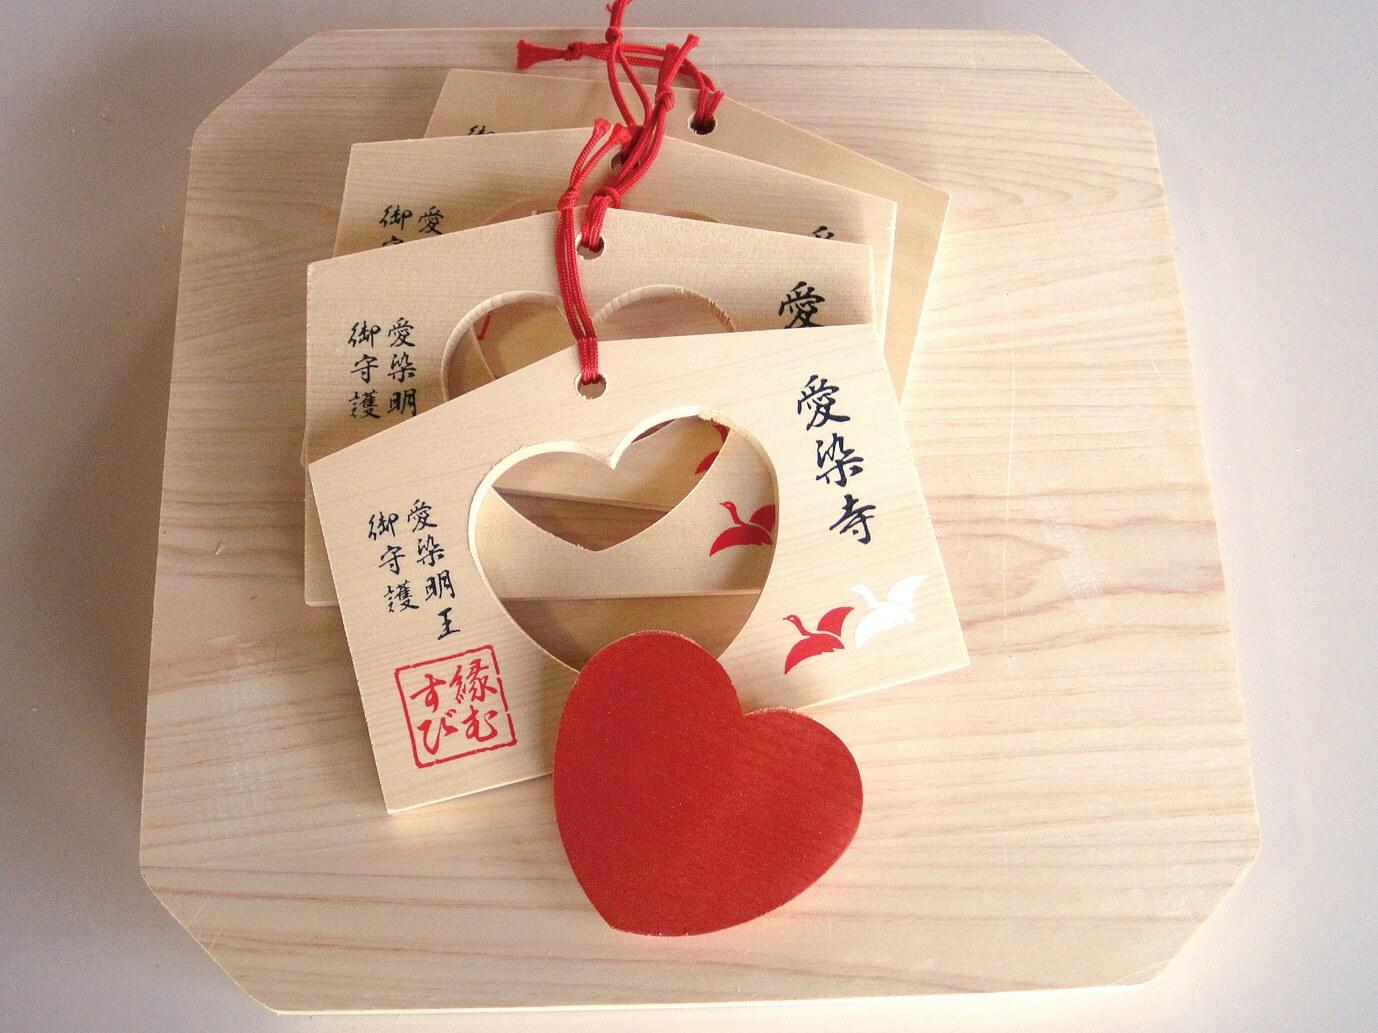 今年はチョコじゃなくて絵馬 !! 愛染寺で見つけたとっておきおバレンタインギフト!!